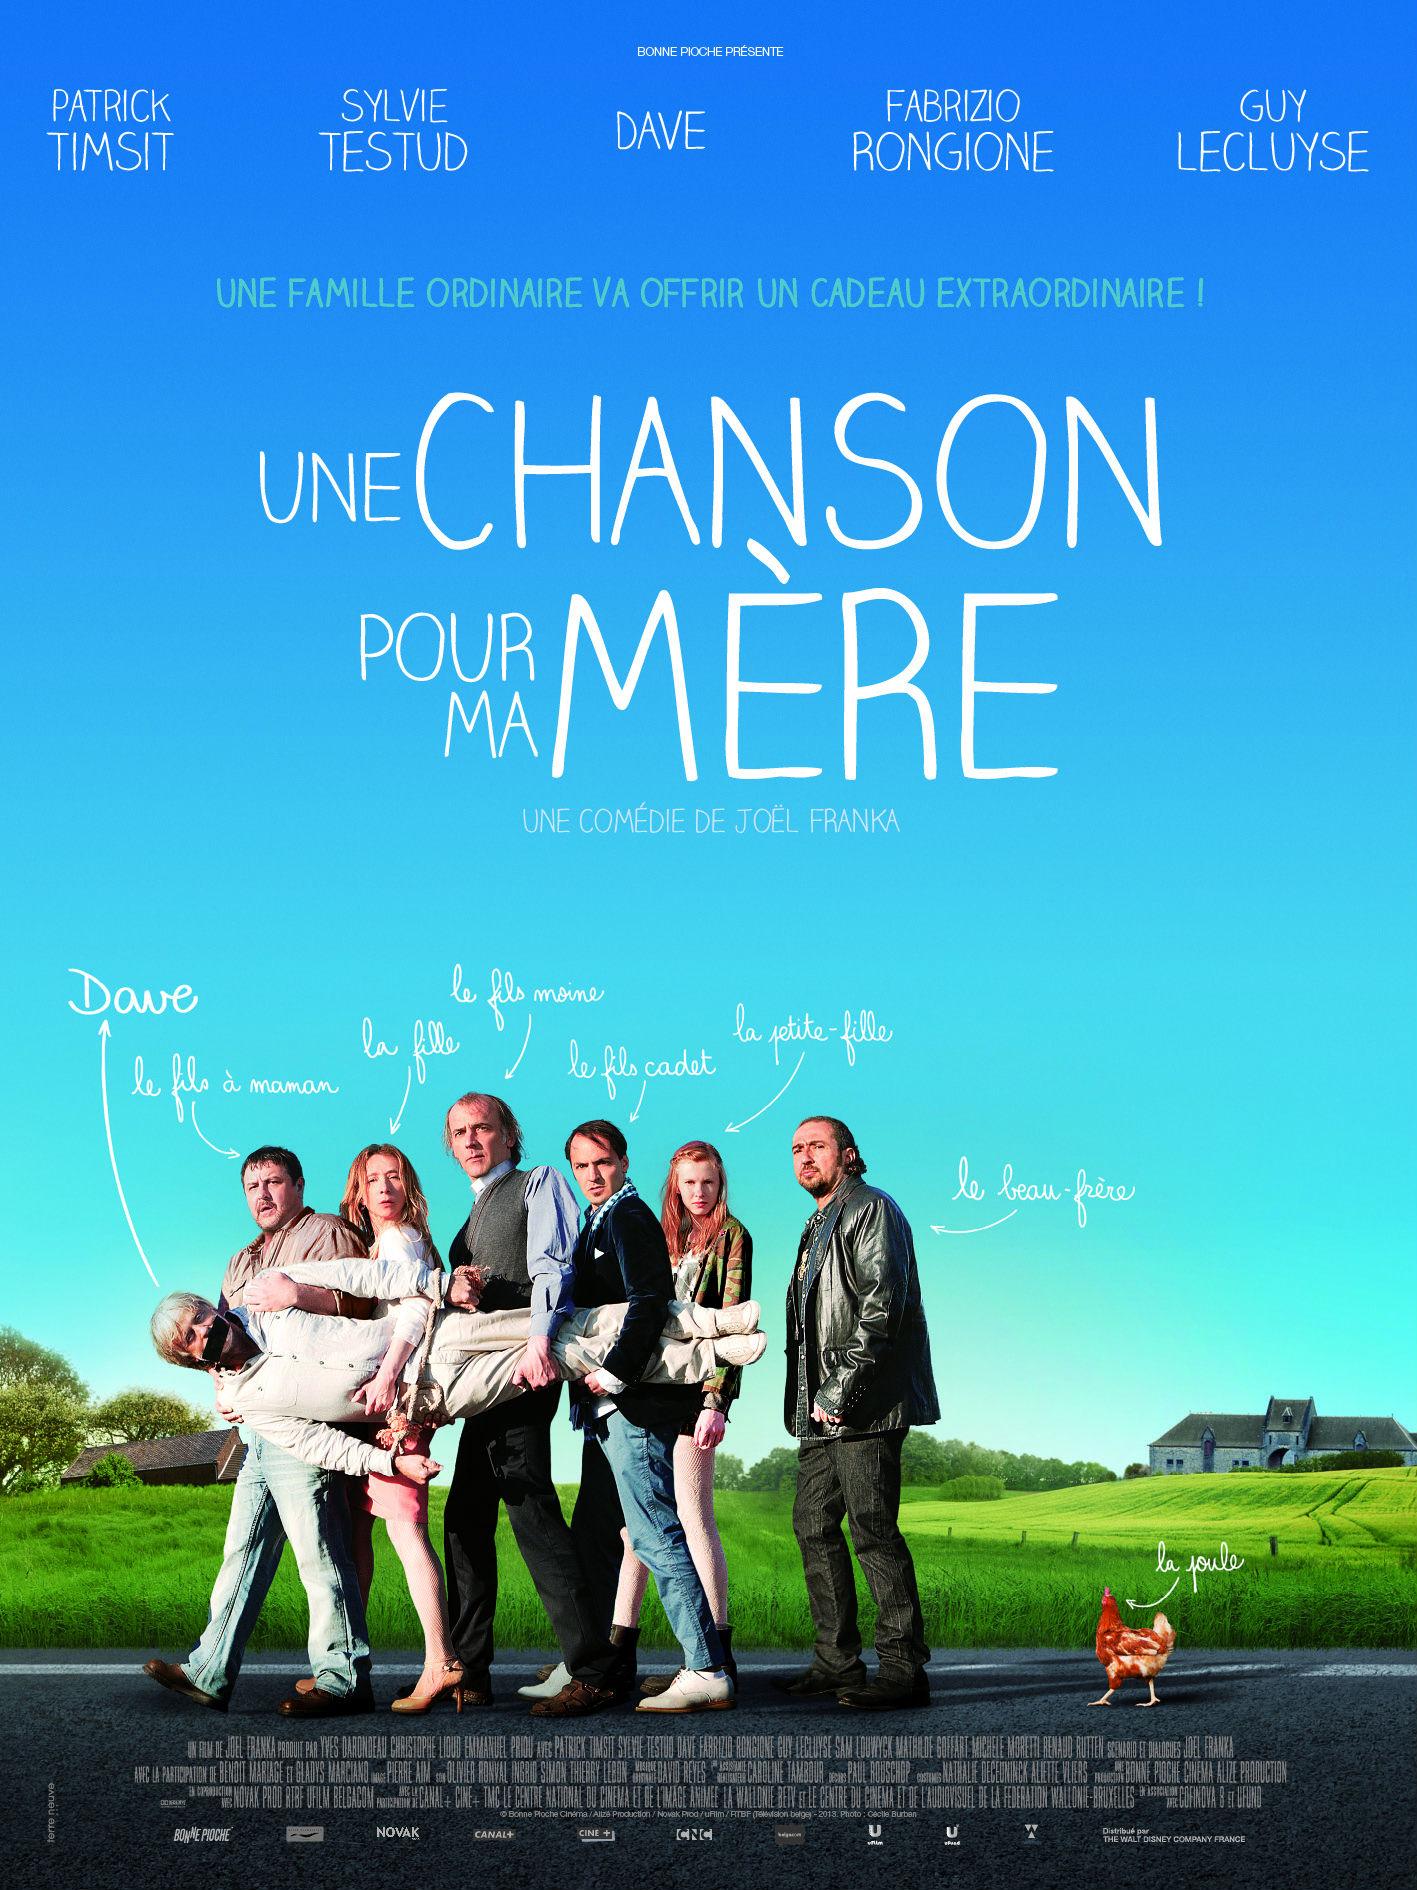 Fete Des Meres Belgique 2016 : meres, belgique, Fête, Mères, Films, Maman